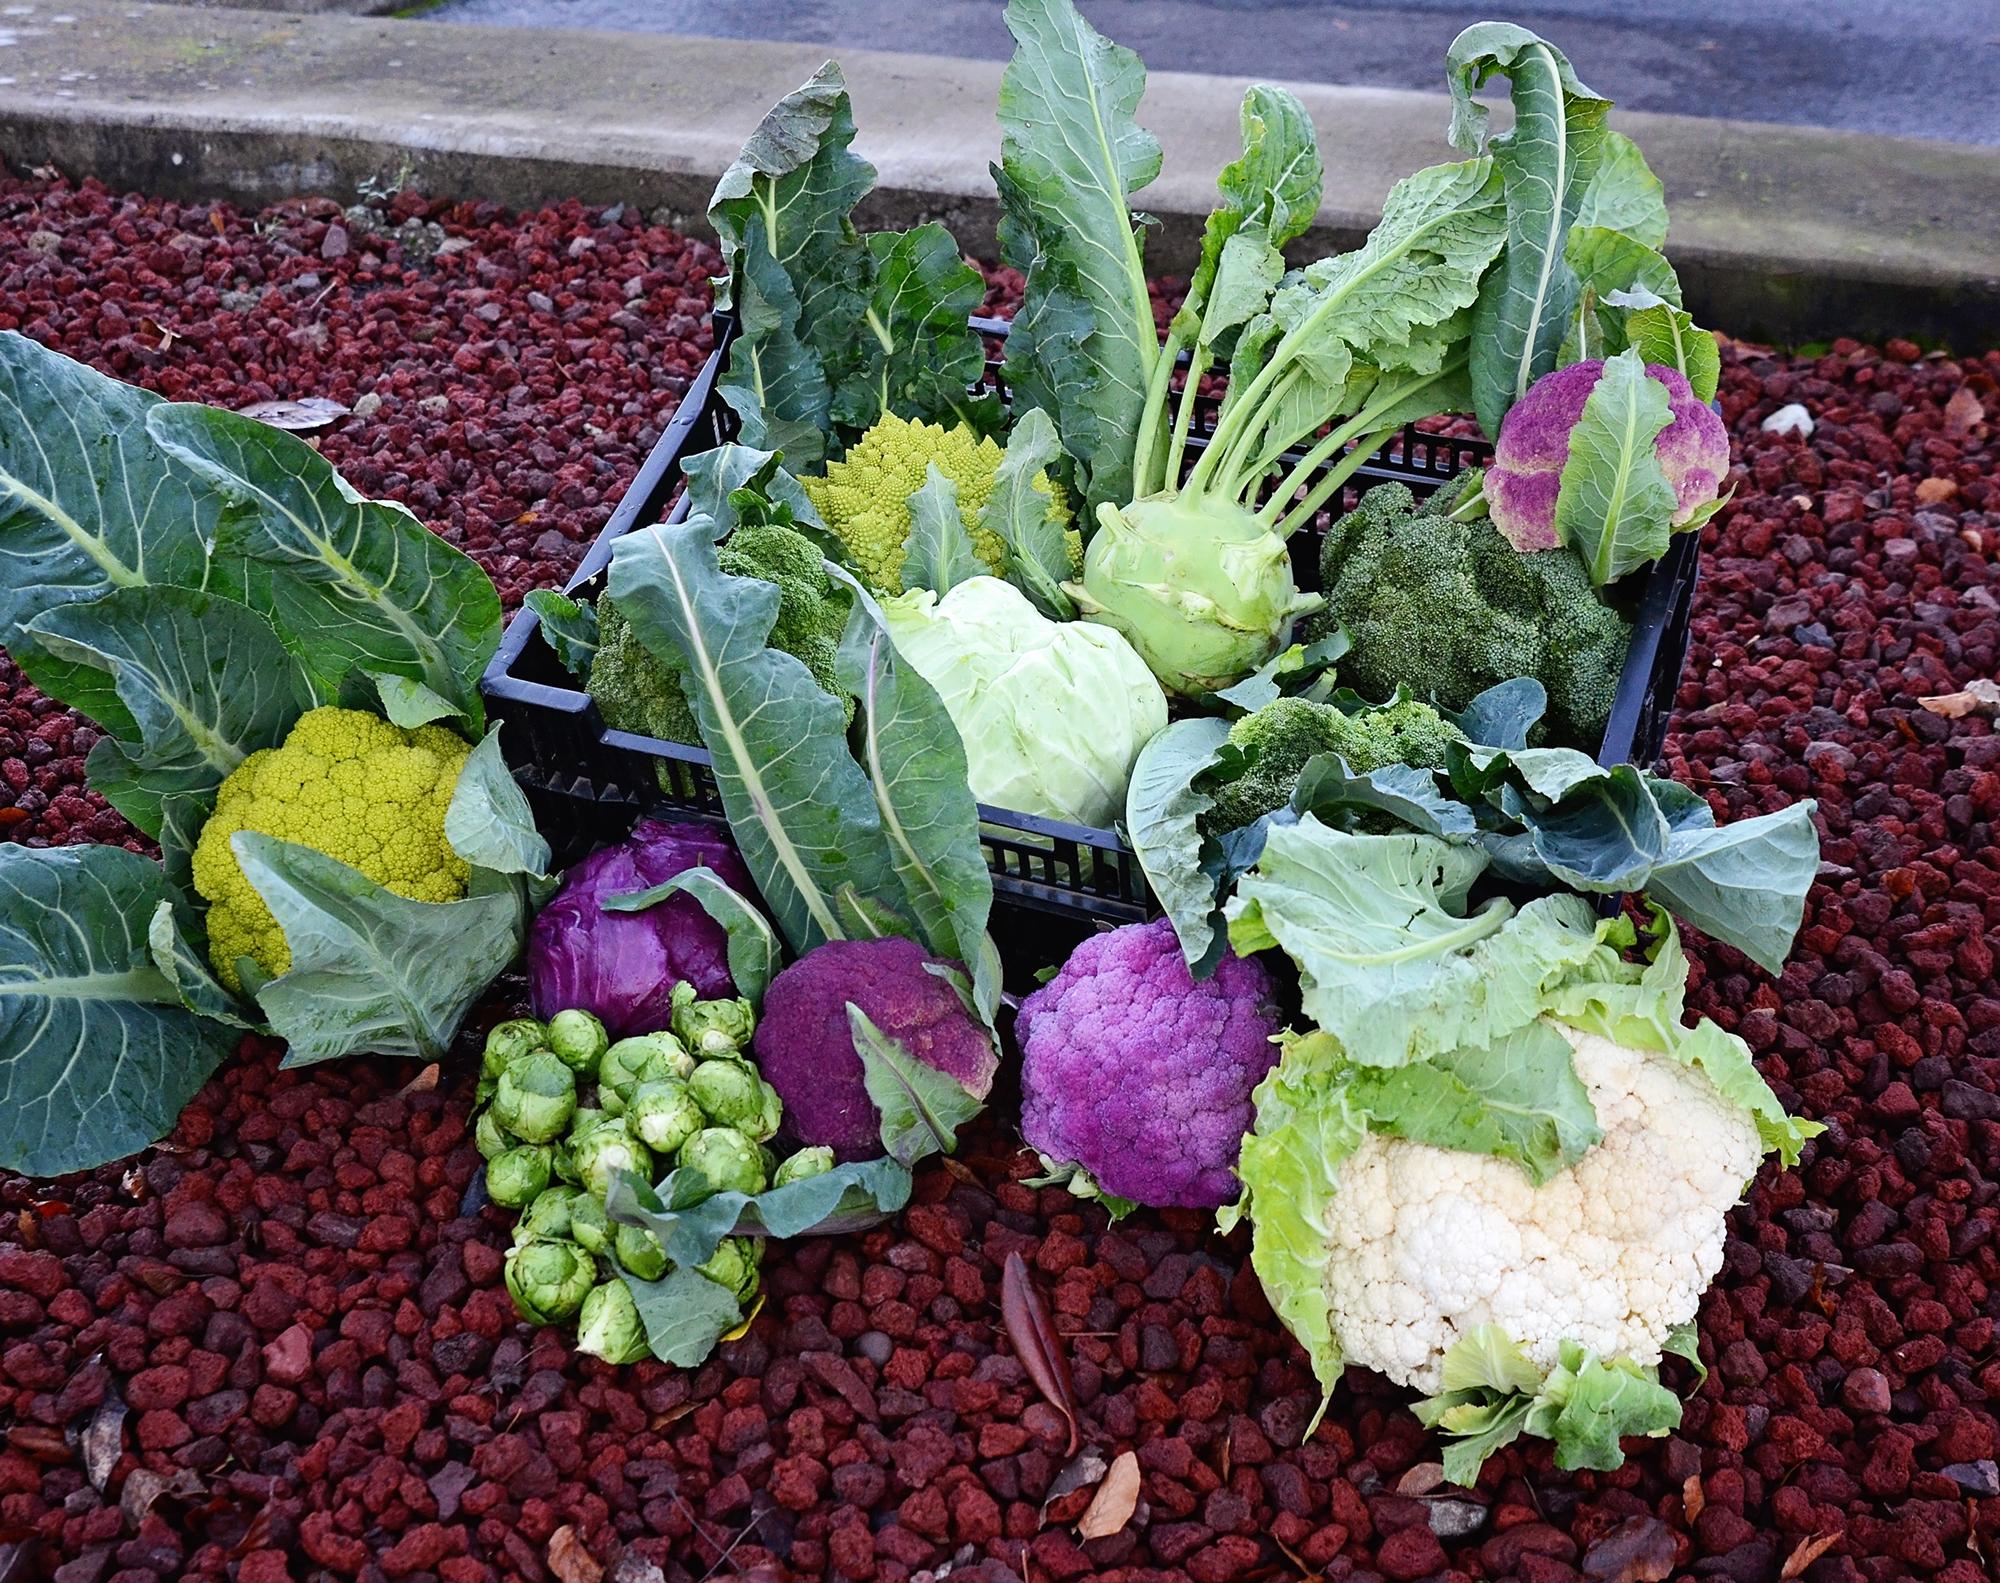 Veggies harvested: 12-29-14